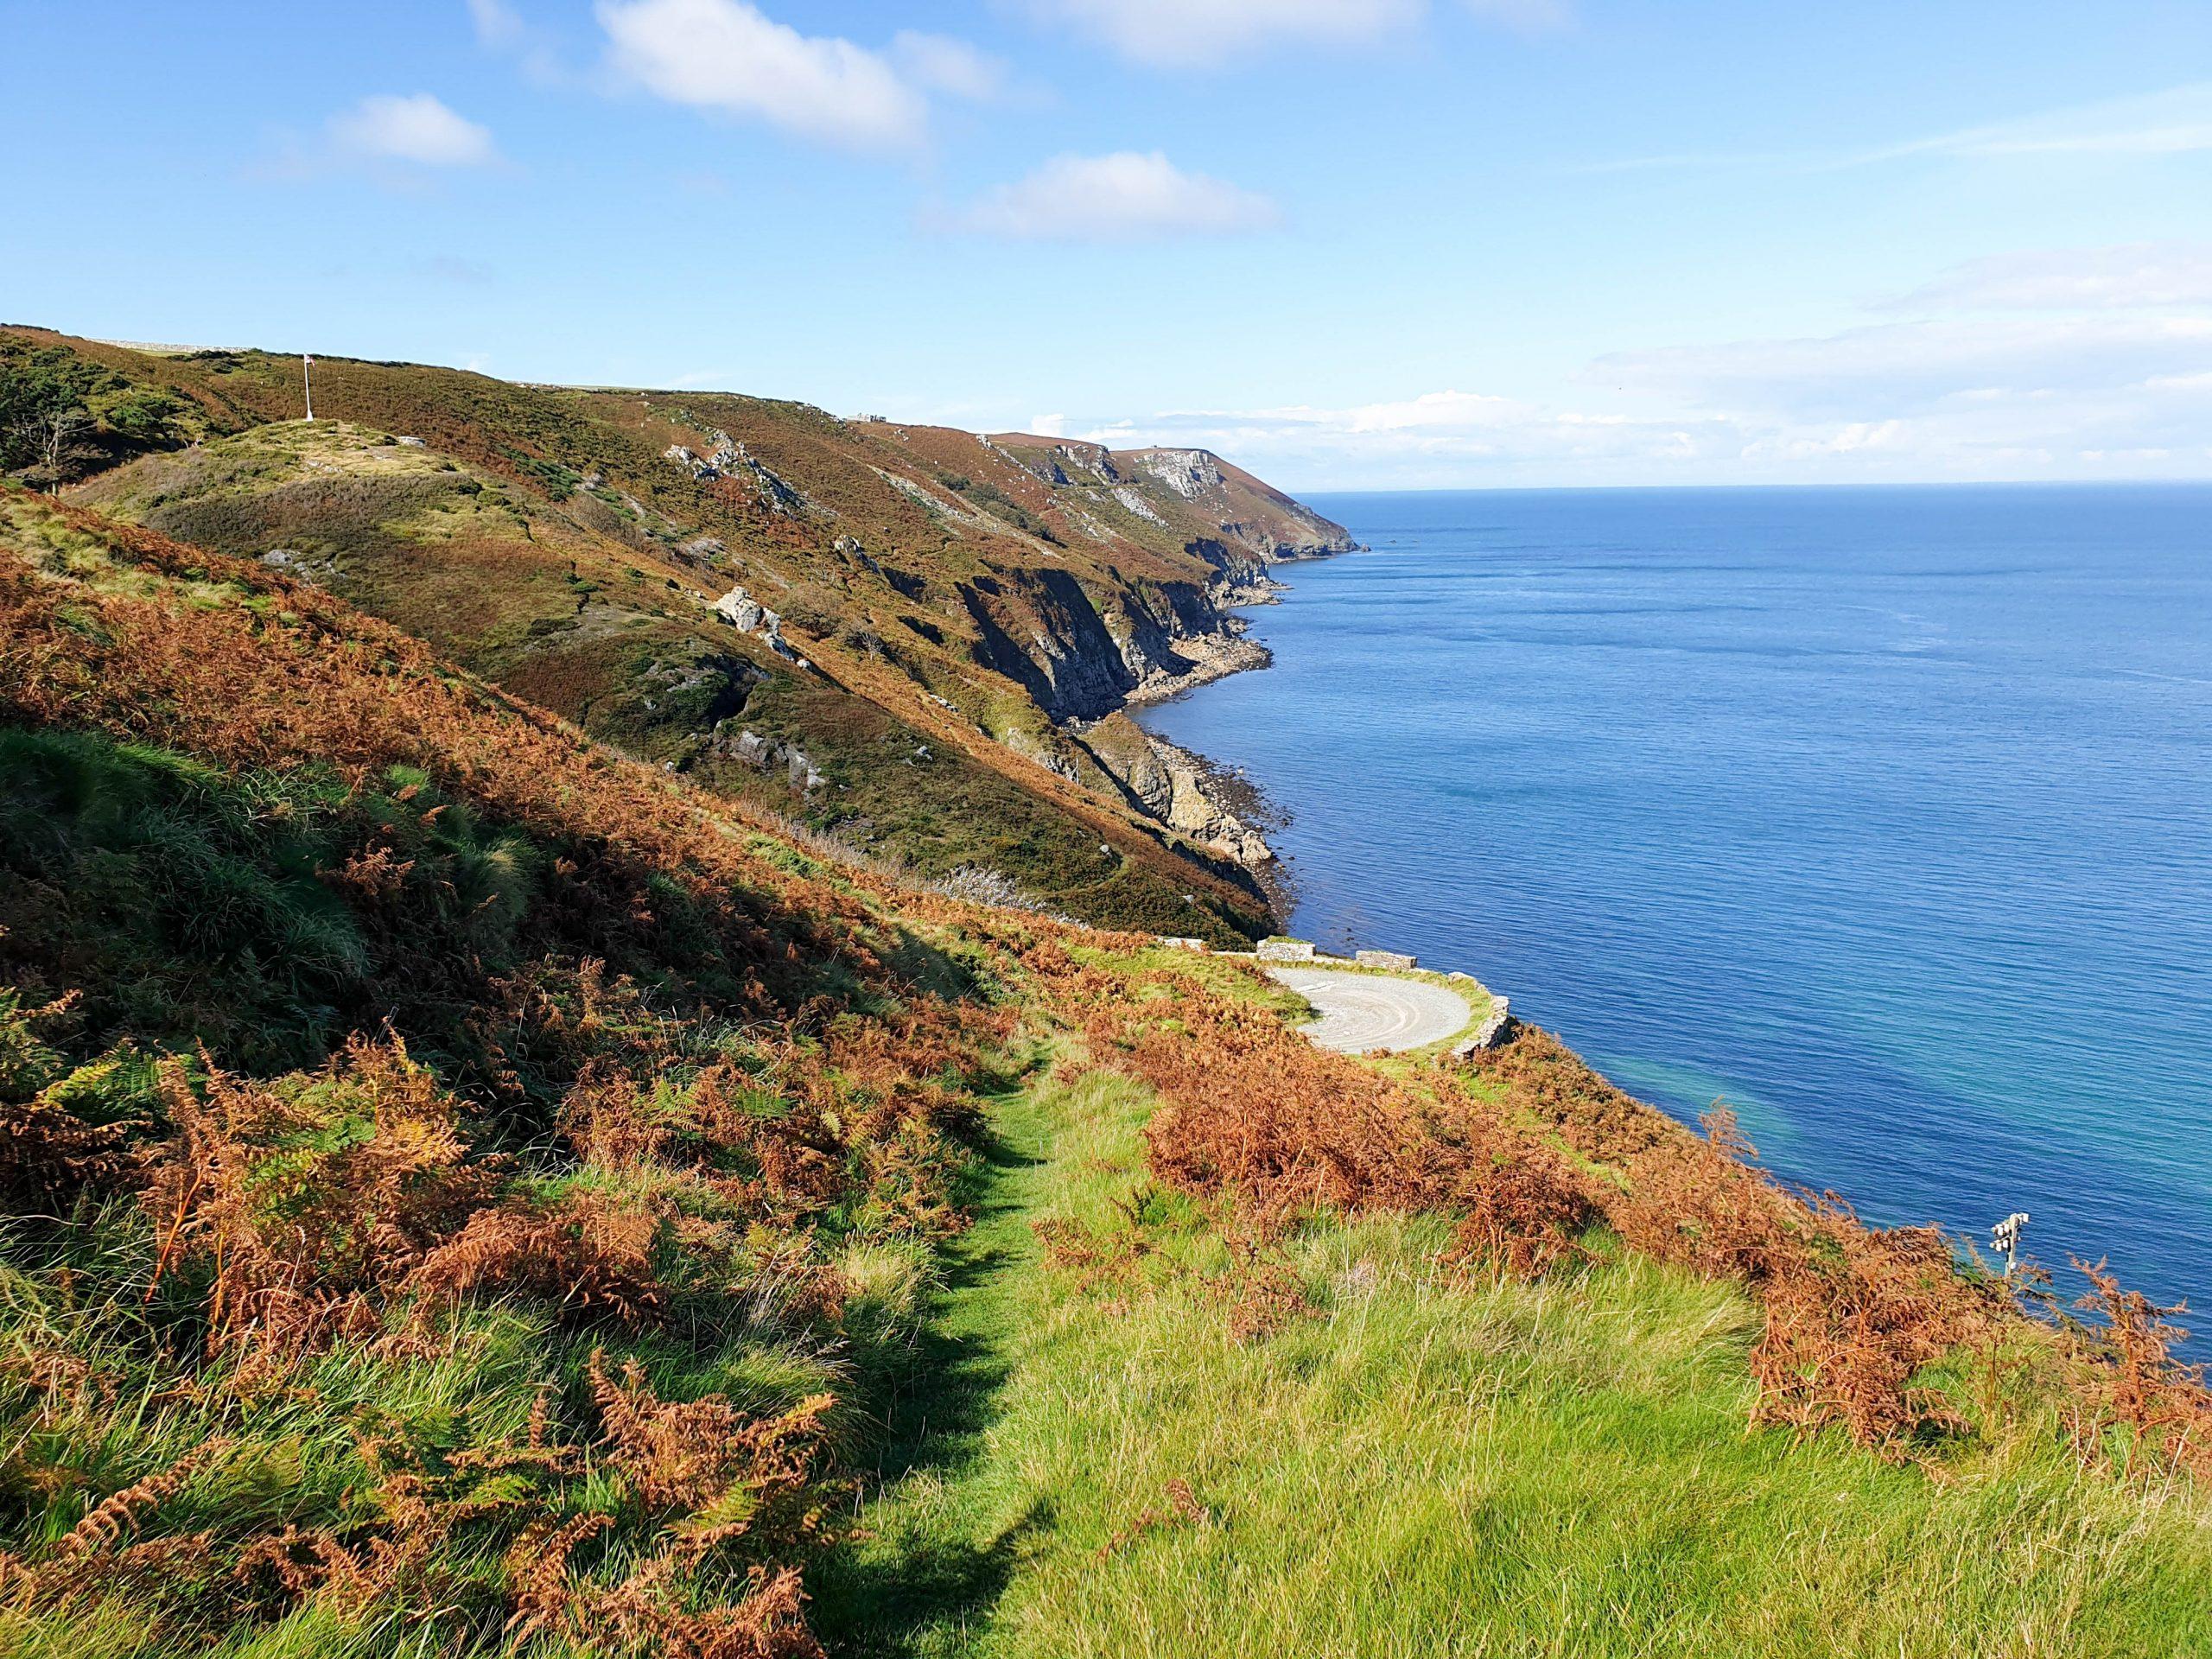 Coastline of Lundy Island, an island off of North Devon